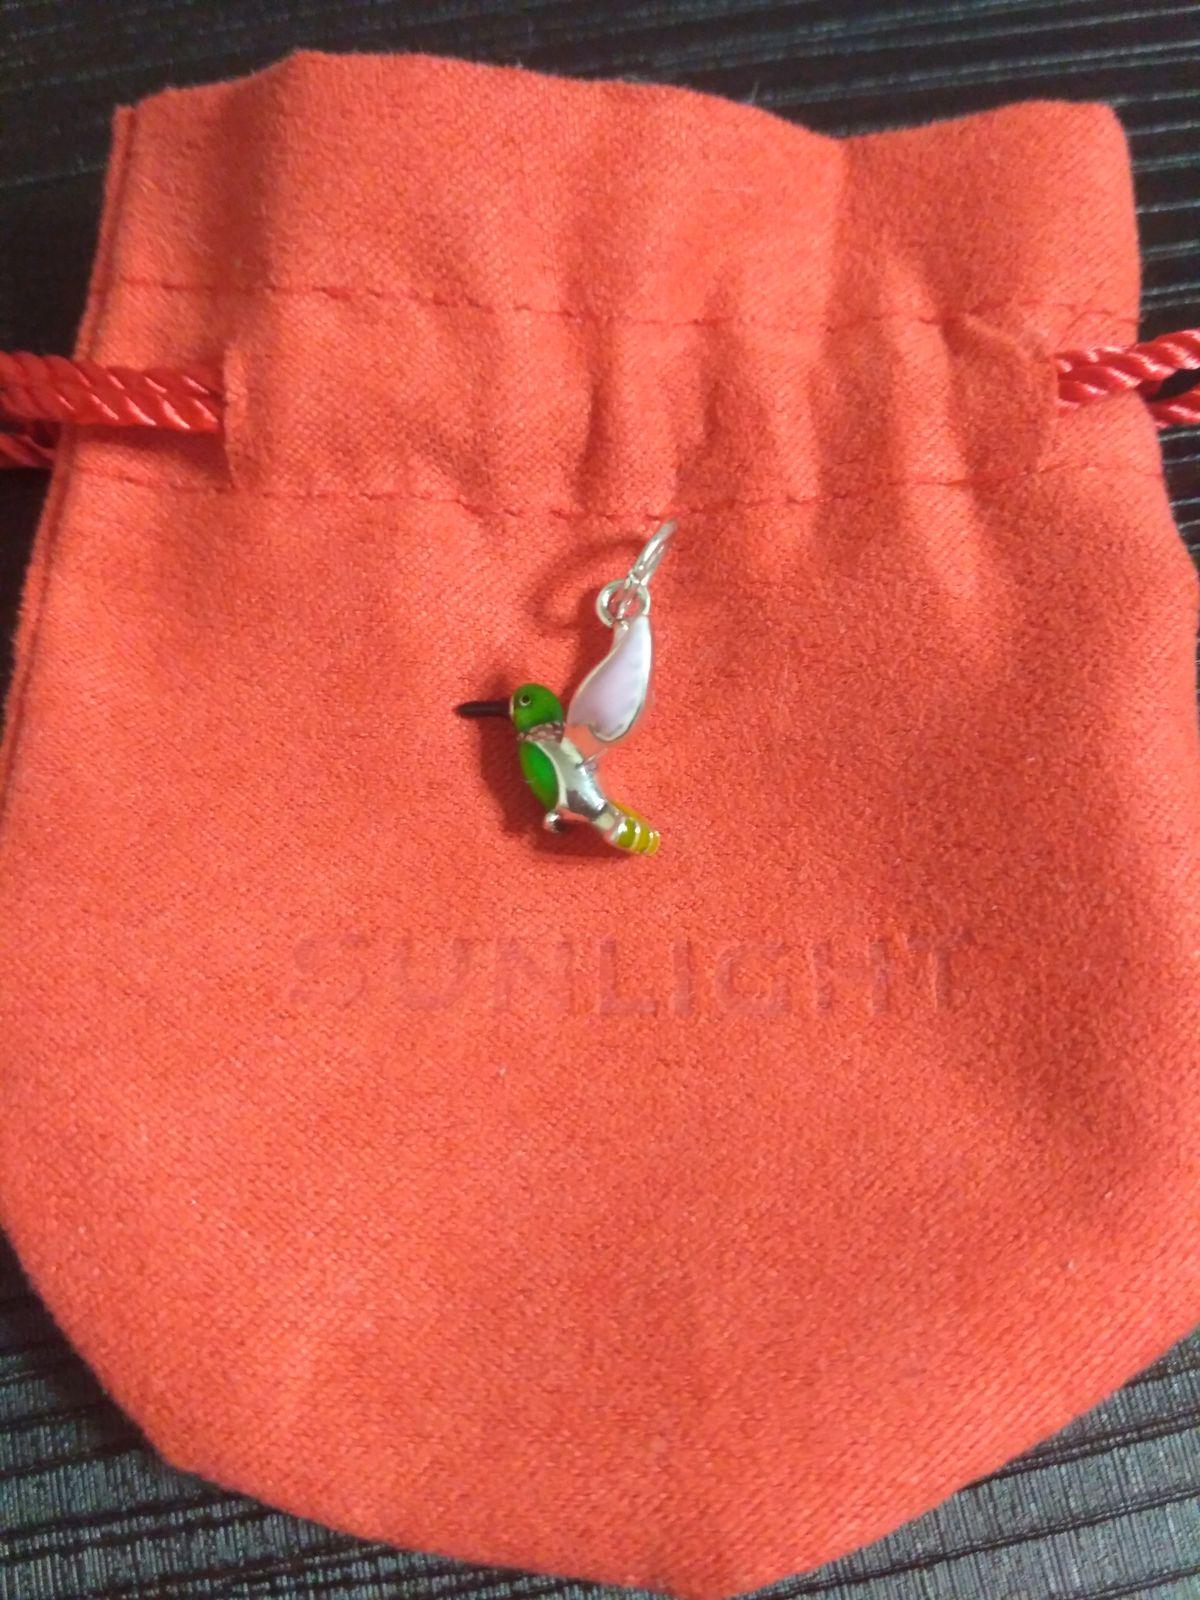 Радужная калибри